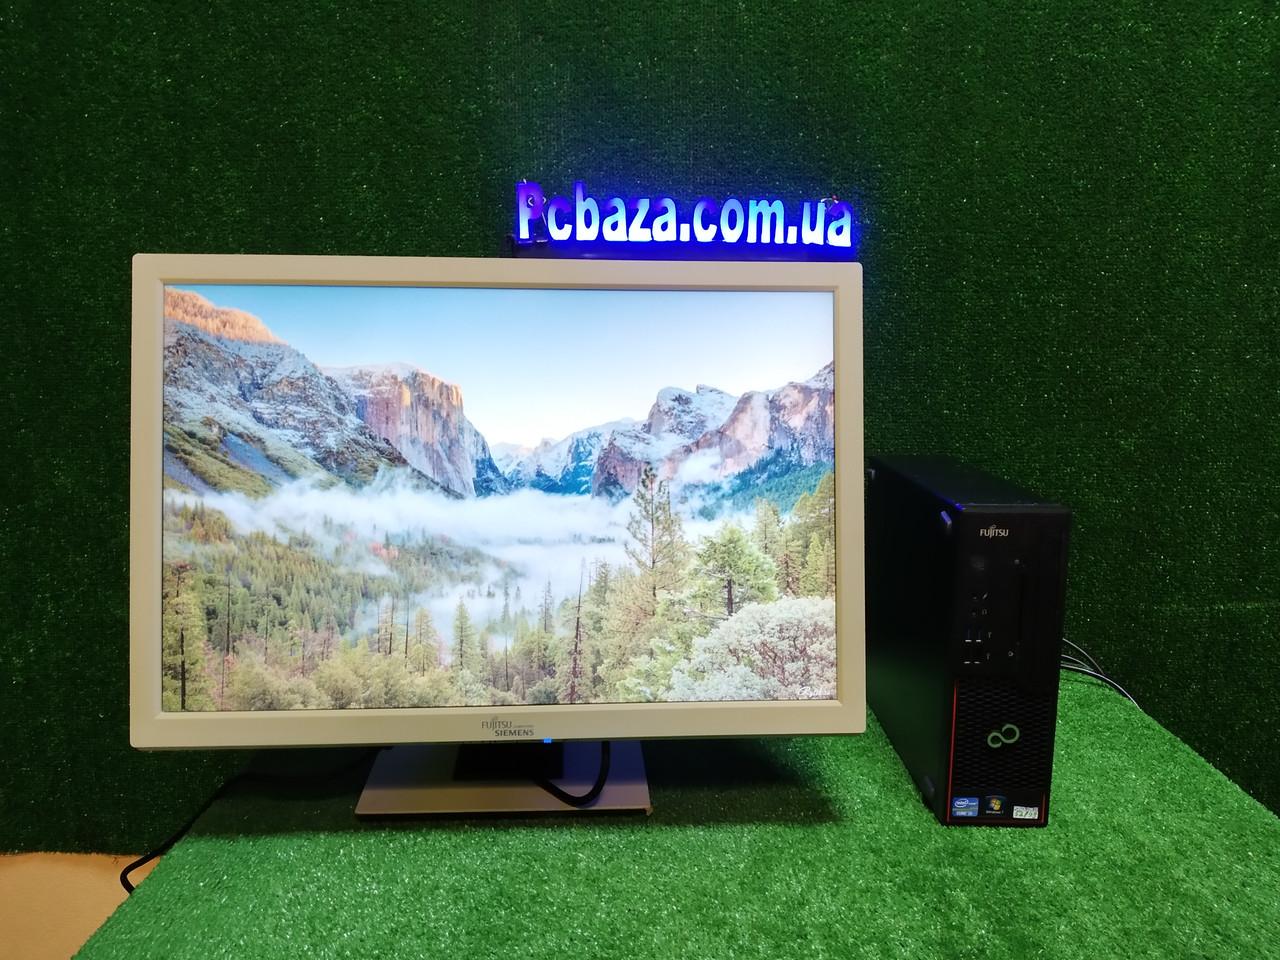 """ПК +монитор 24"""", i3-3220 3.3, 4 ГБ, 500 Гб, 2xCOM, 10 USB, USB 3.0 Настроен. Германия!"""